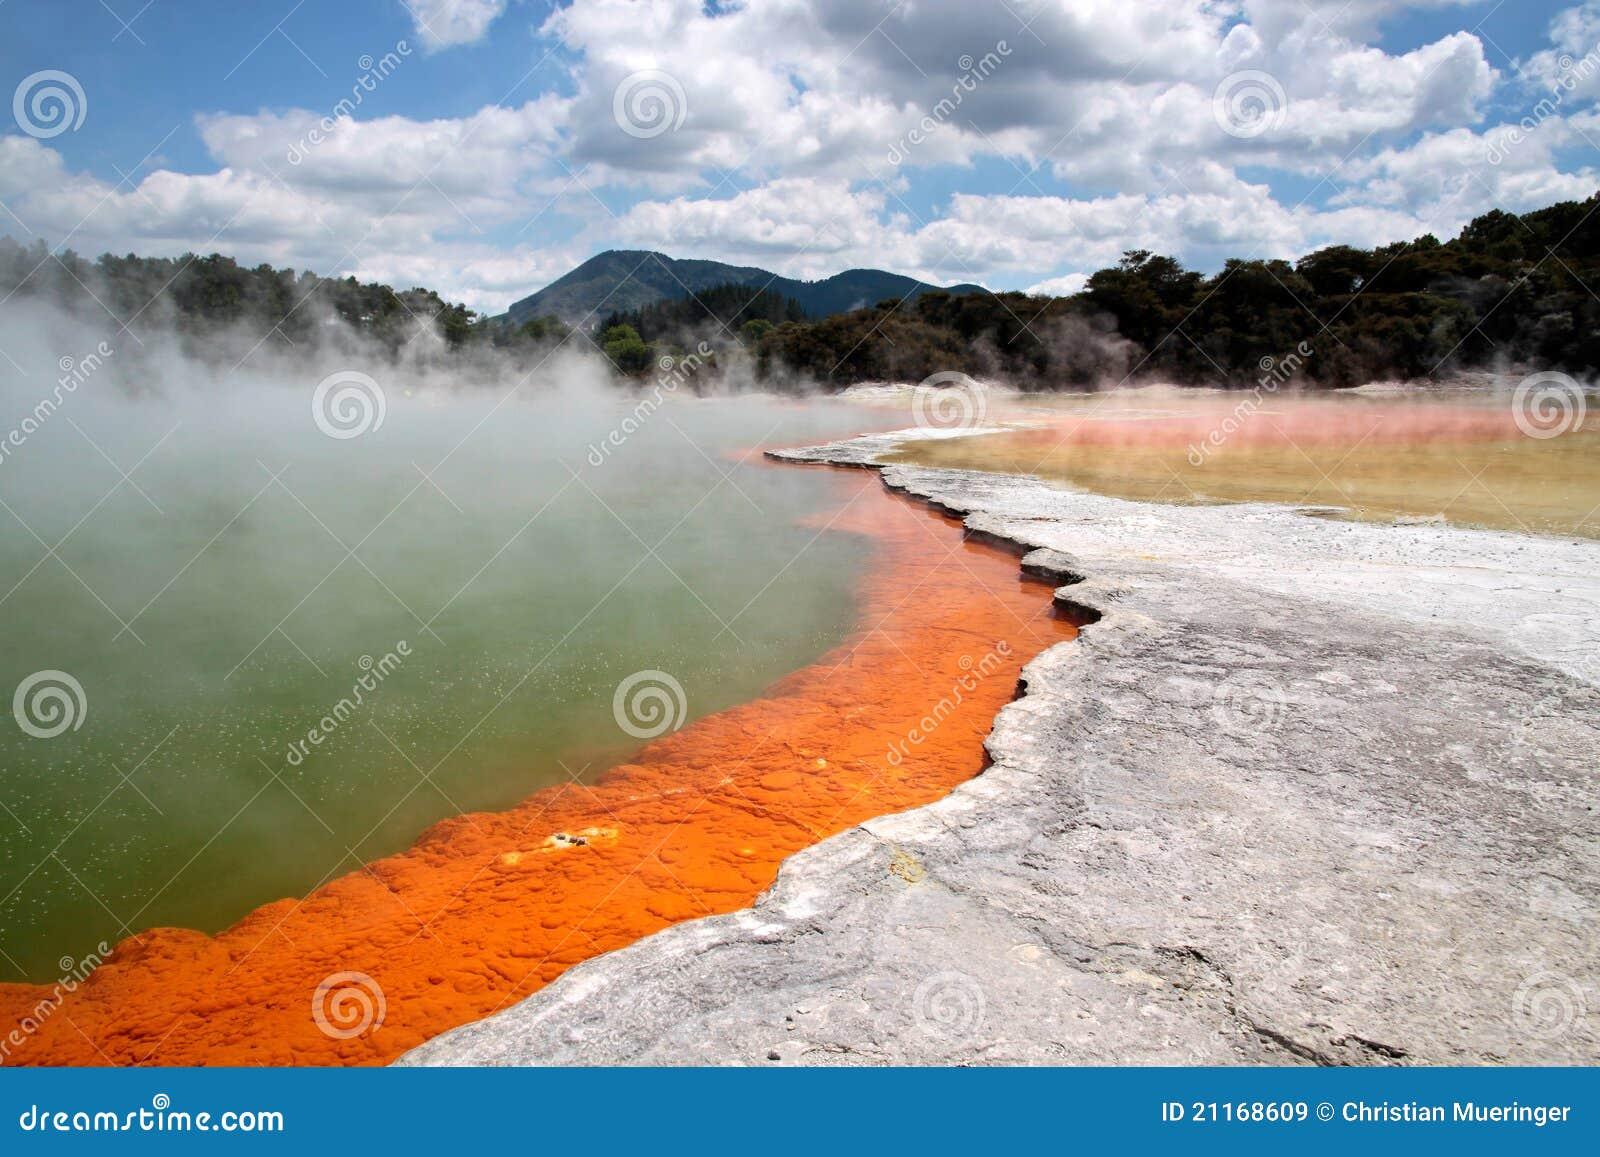 Regroupement de Champagne à la région géothermique de Wai-o-Tapu